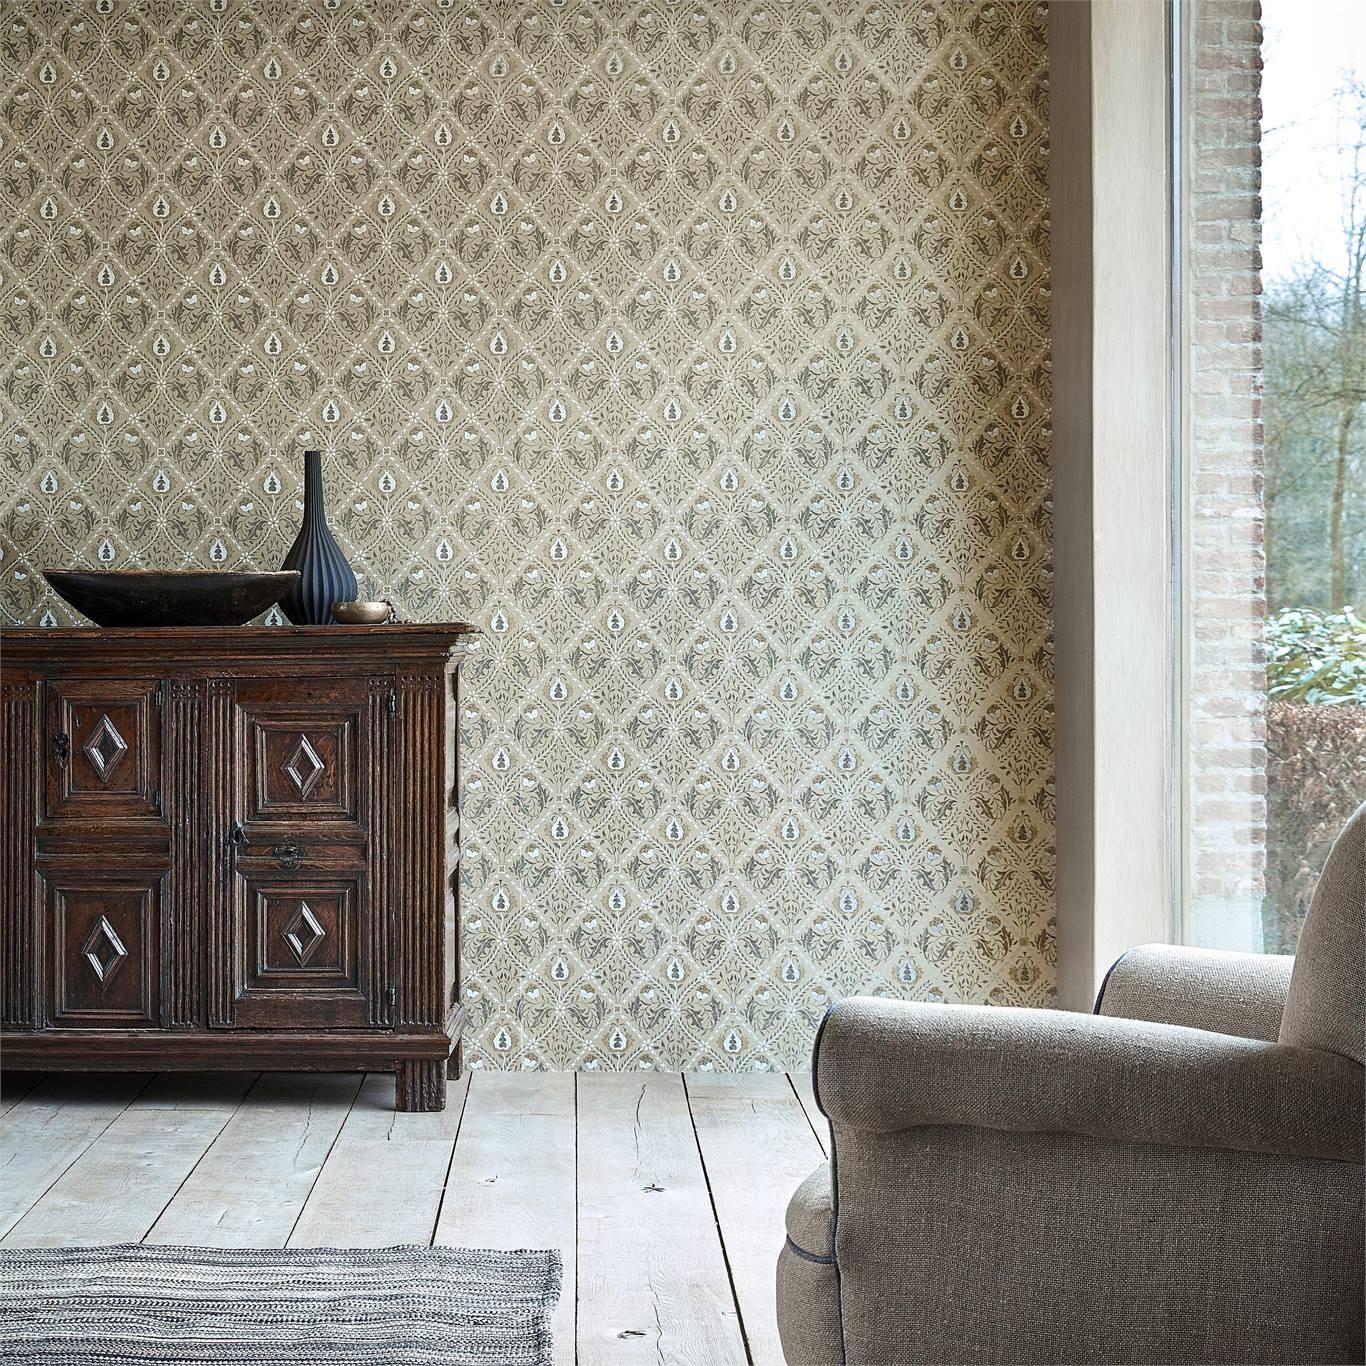 Morris & Co Pure Trellis Gold Wallpaper 216529